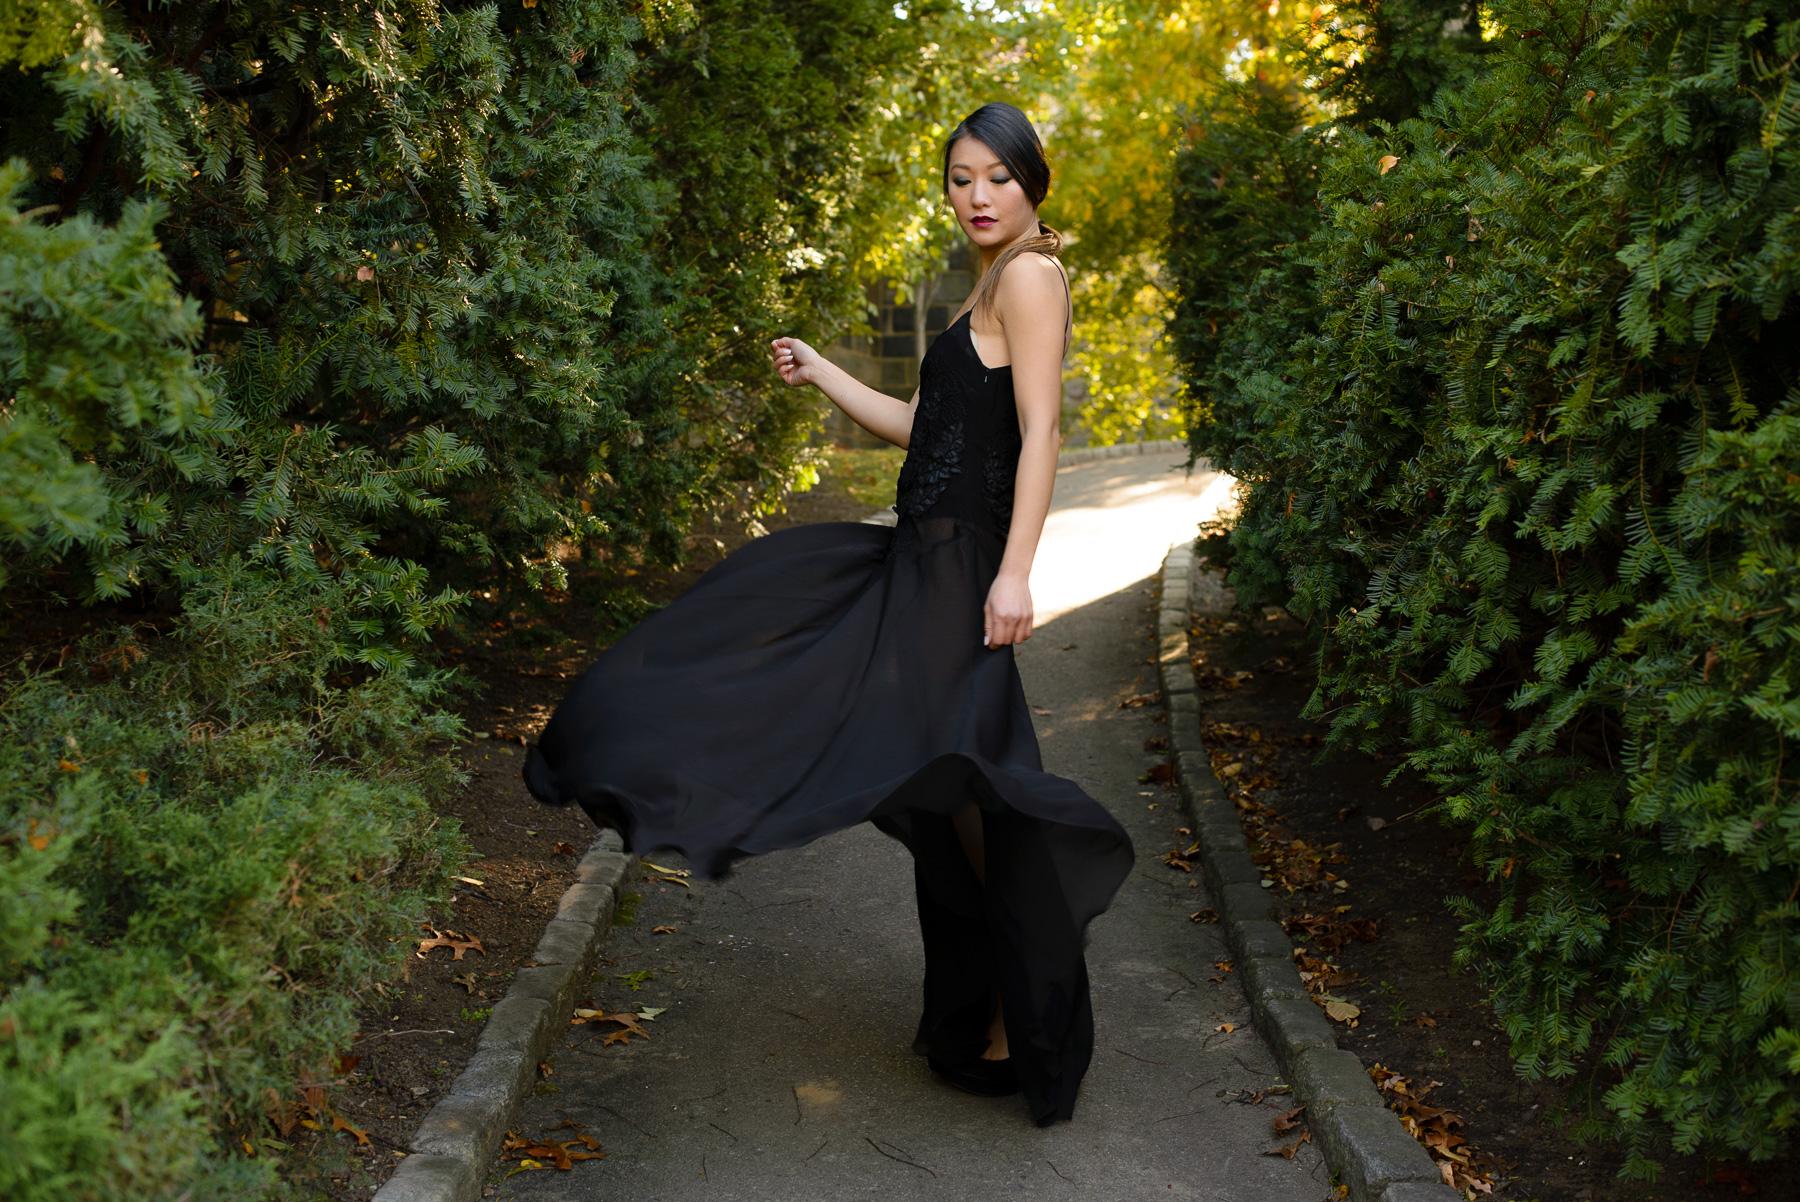 blackdress_embroidered4.jpg